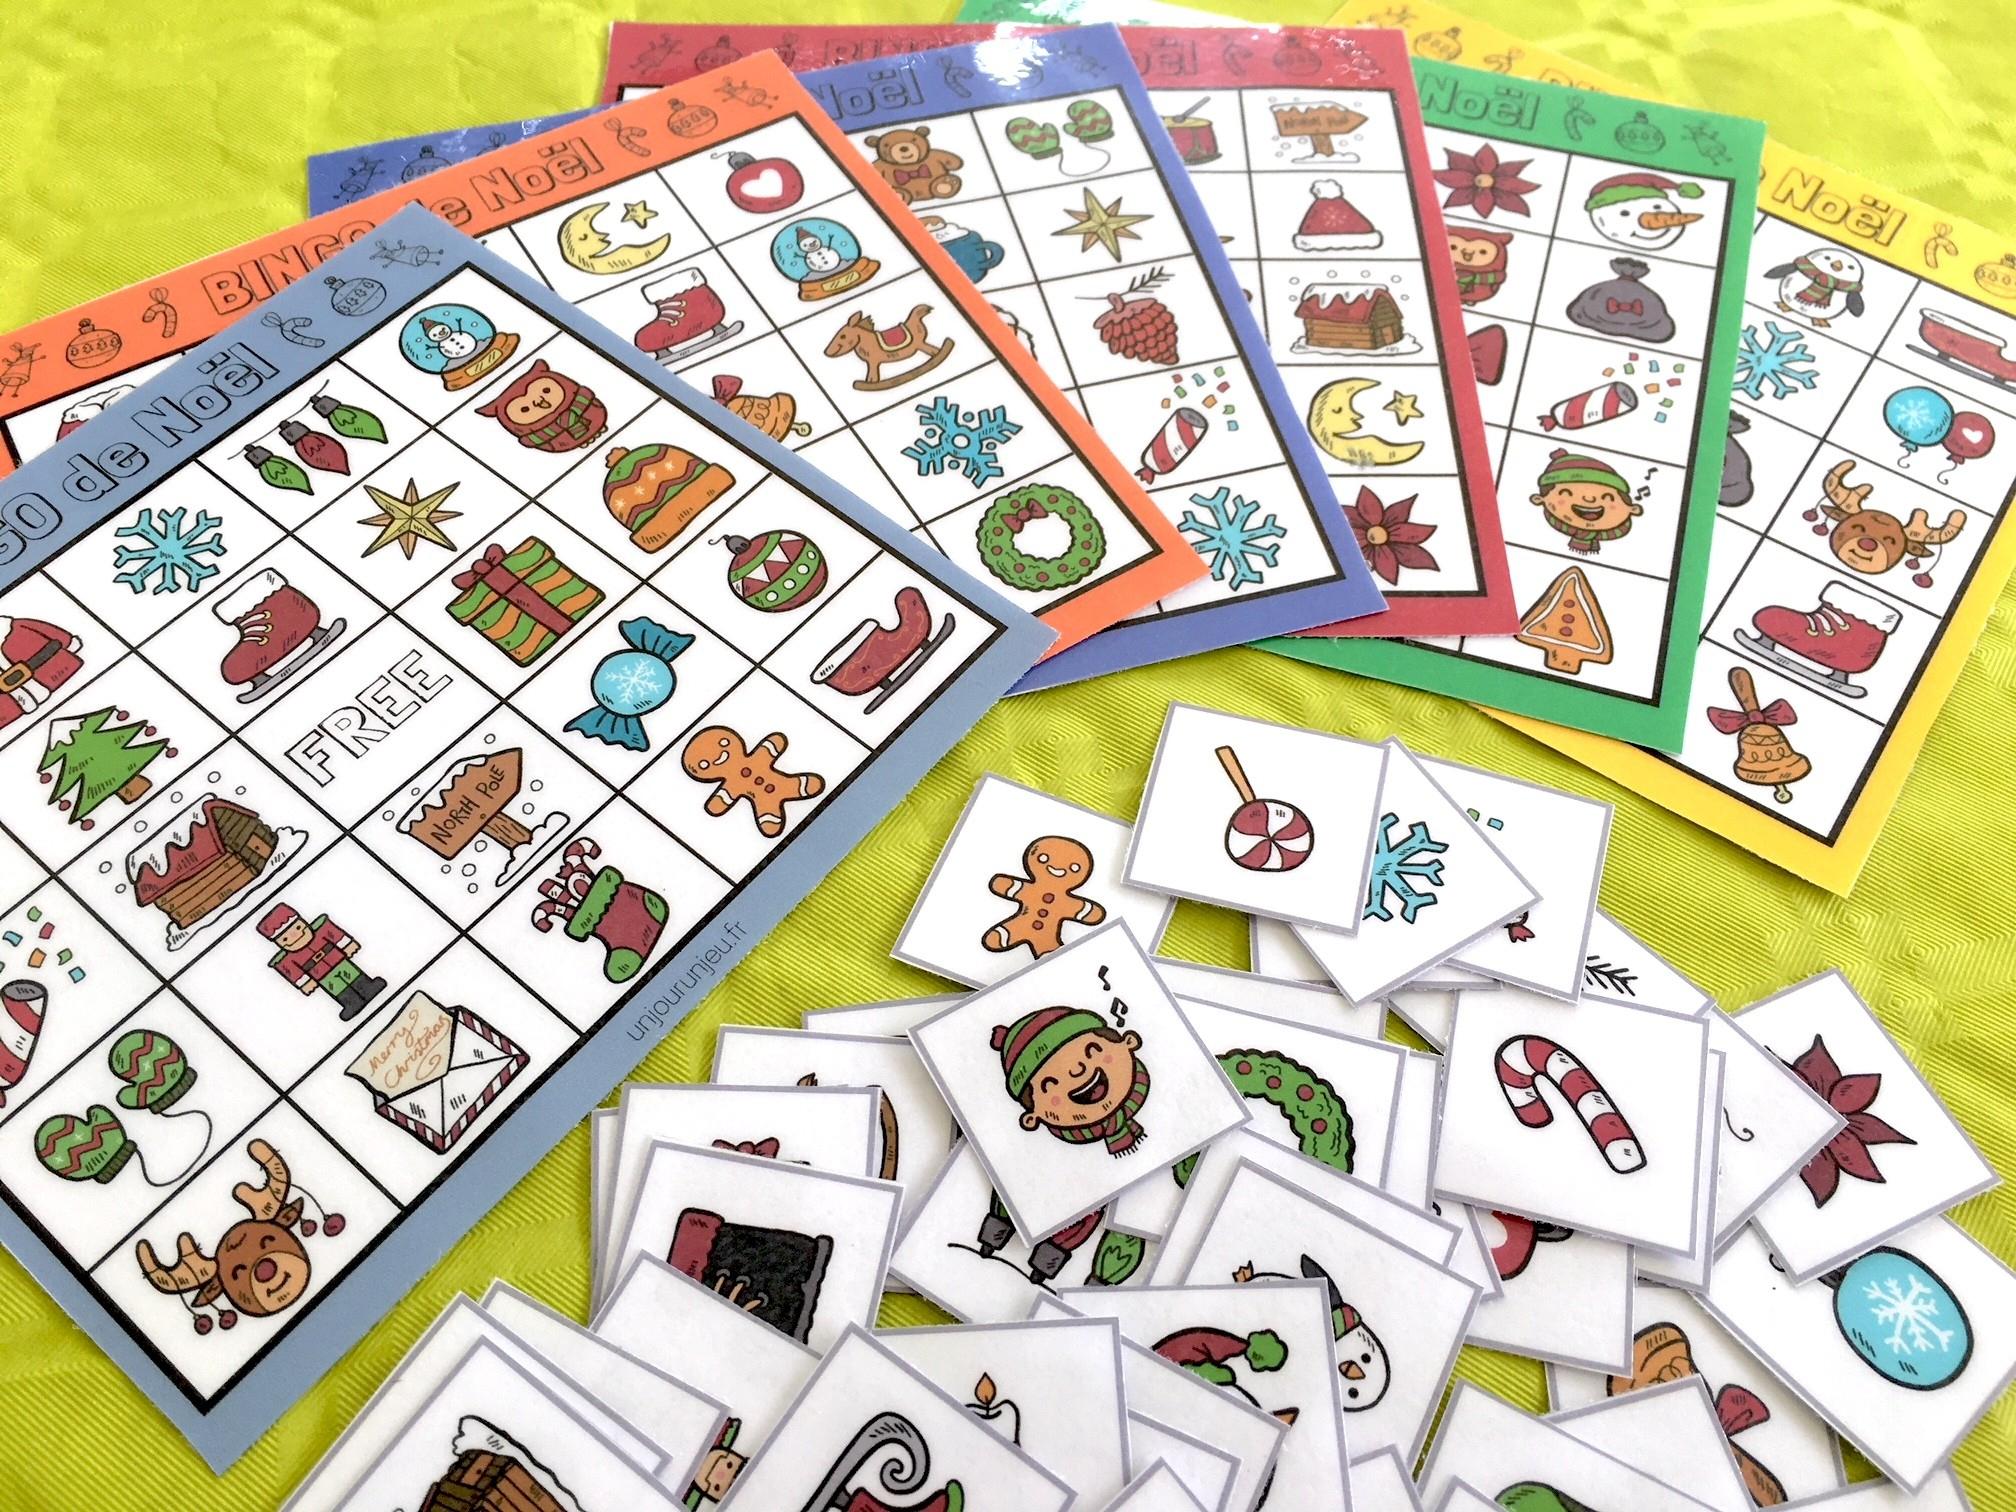 Jeu De Noël : Bingo À Télécharger Gratuitement Pour Vos Enfants à Jeux Gratuit Garcon